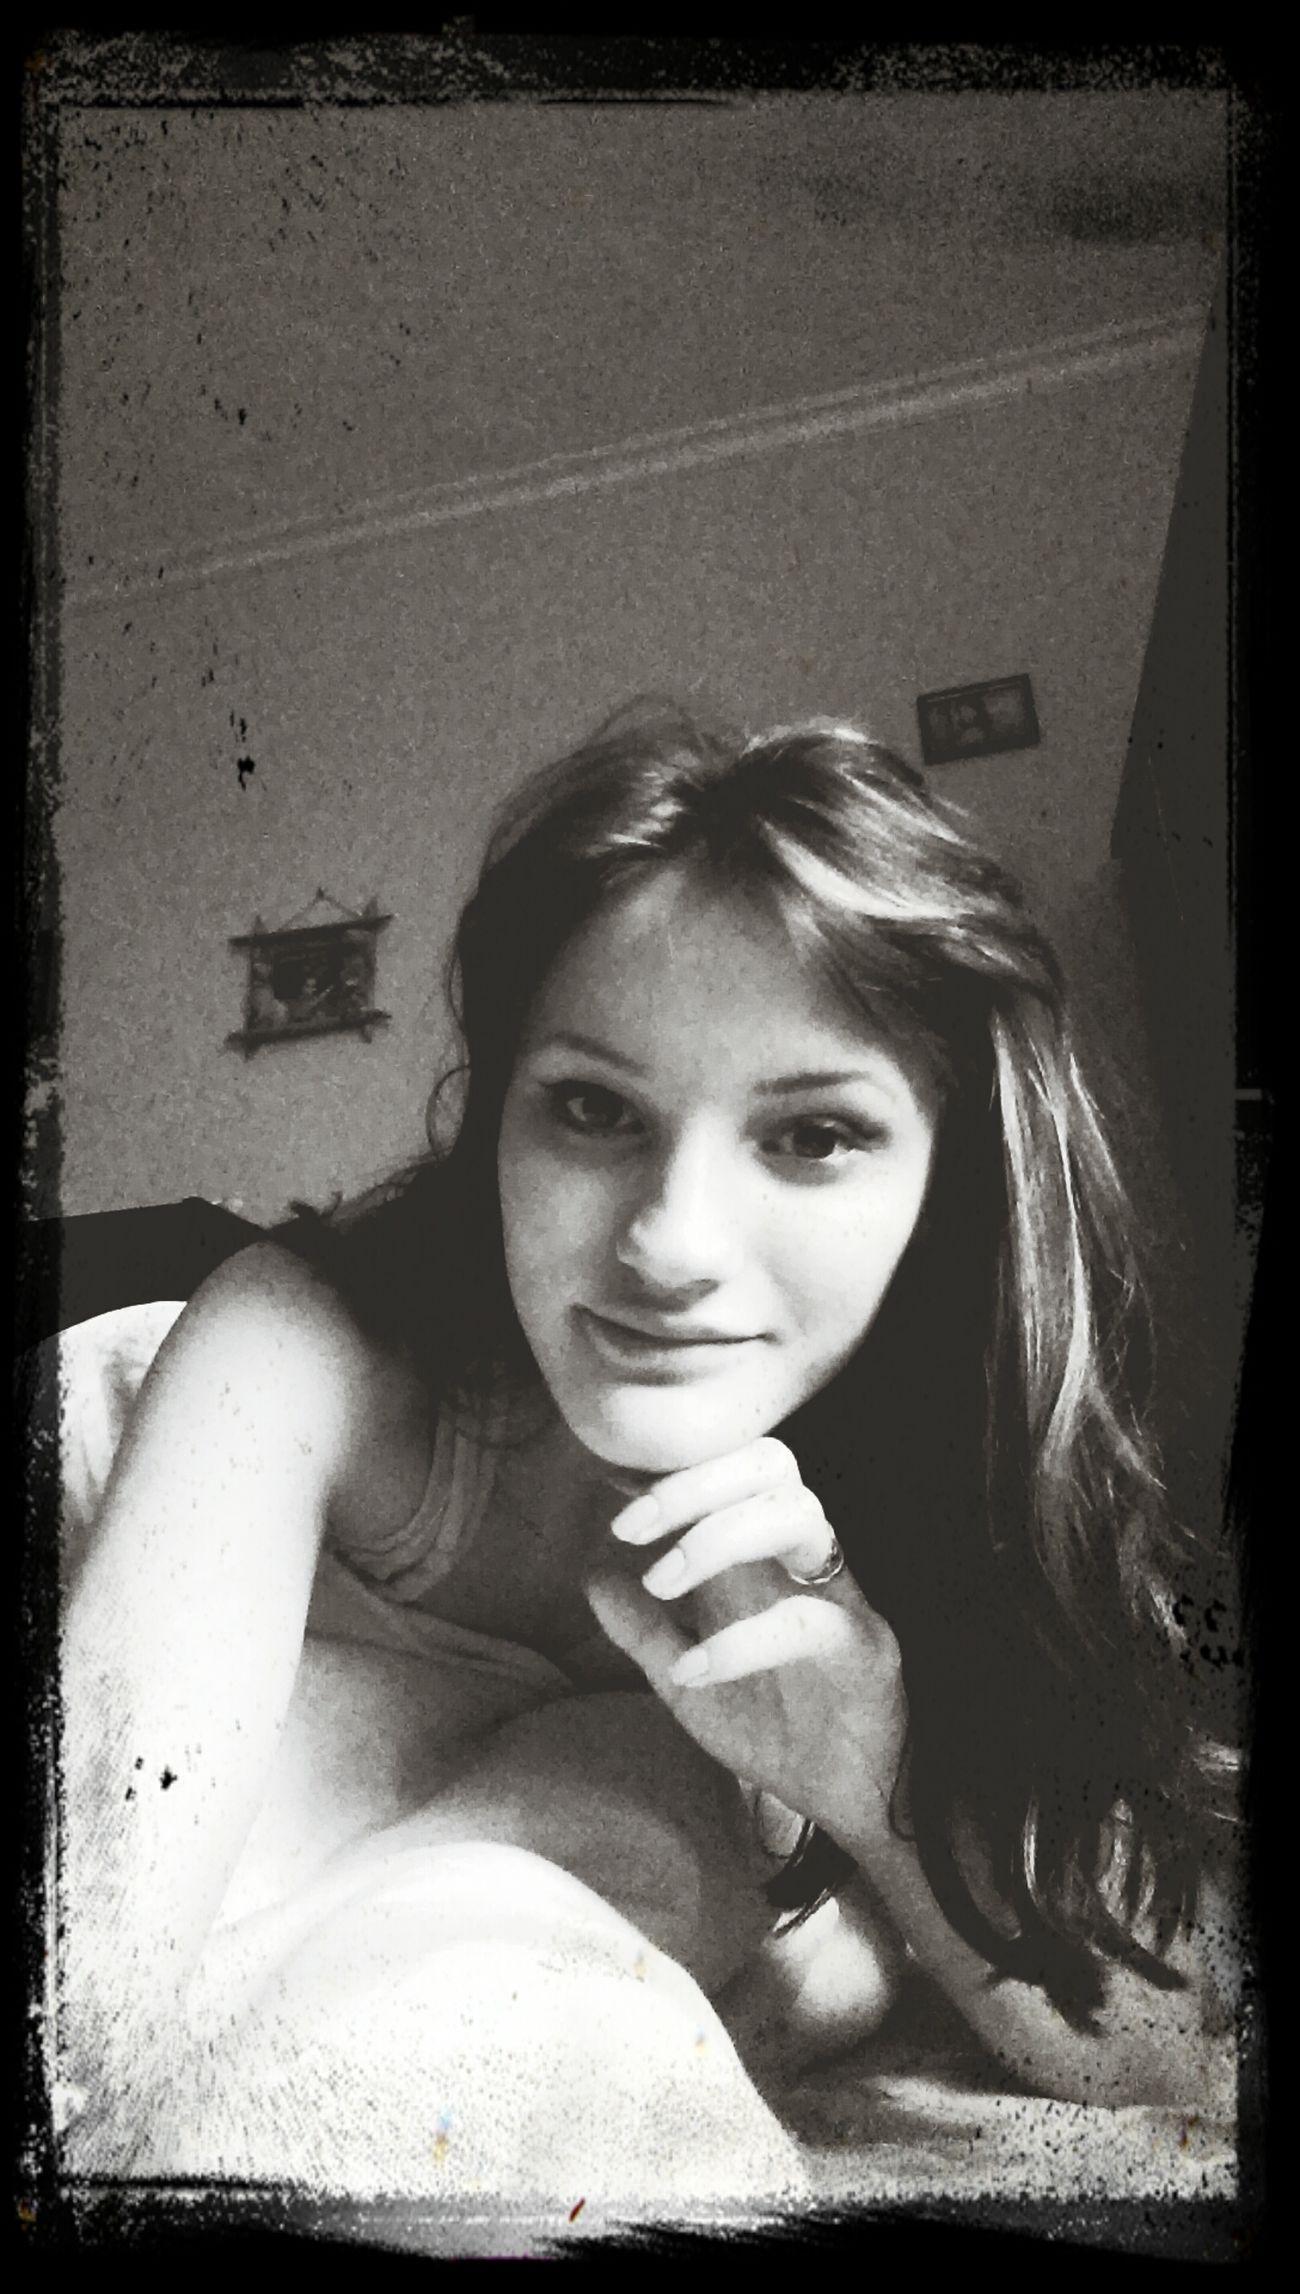 Доброе утро!))) Хорошего всем дня)))